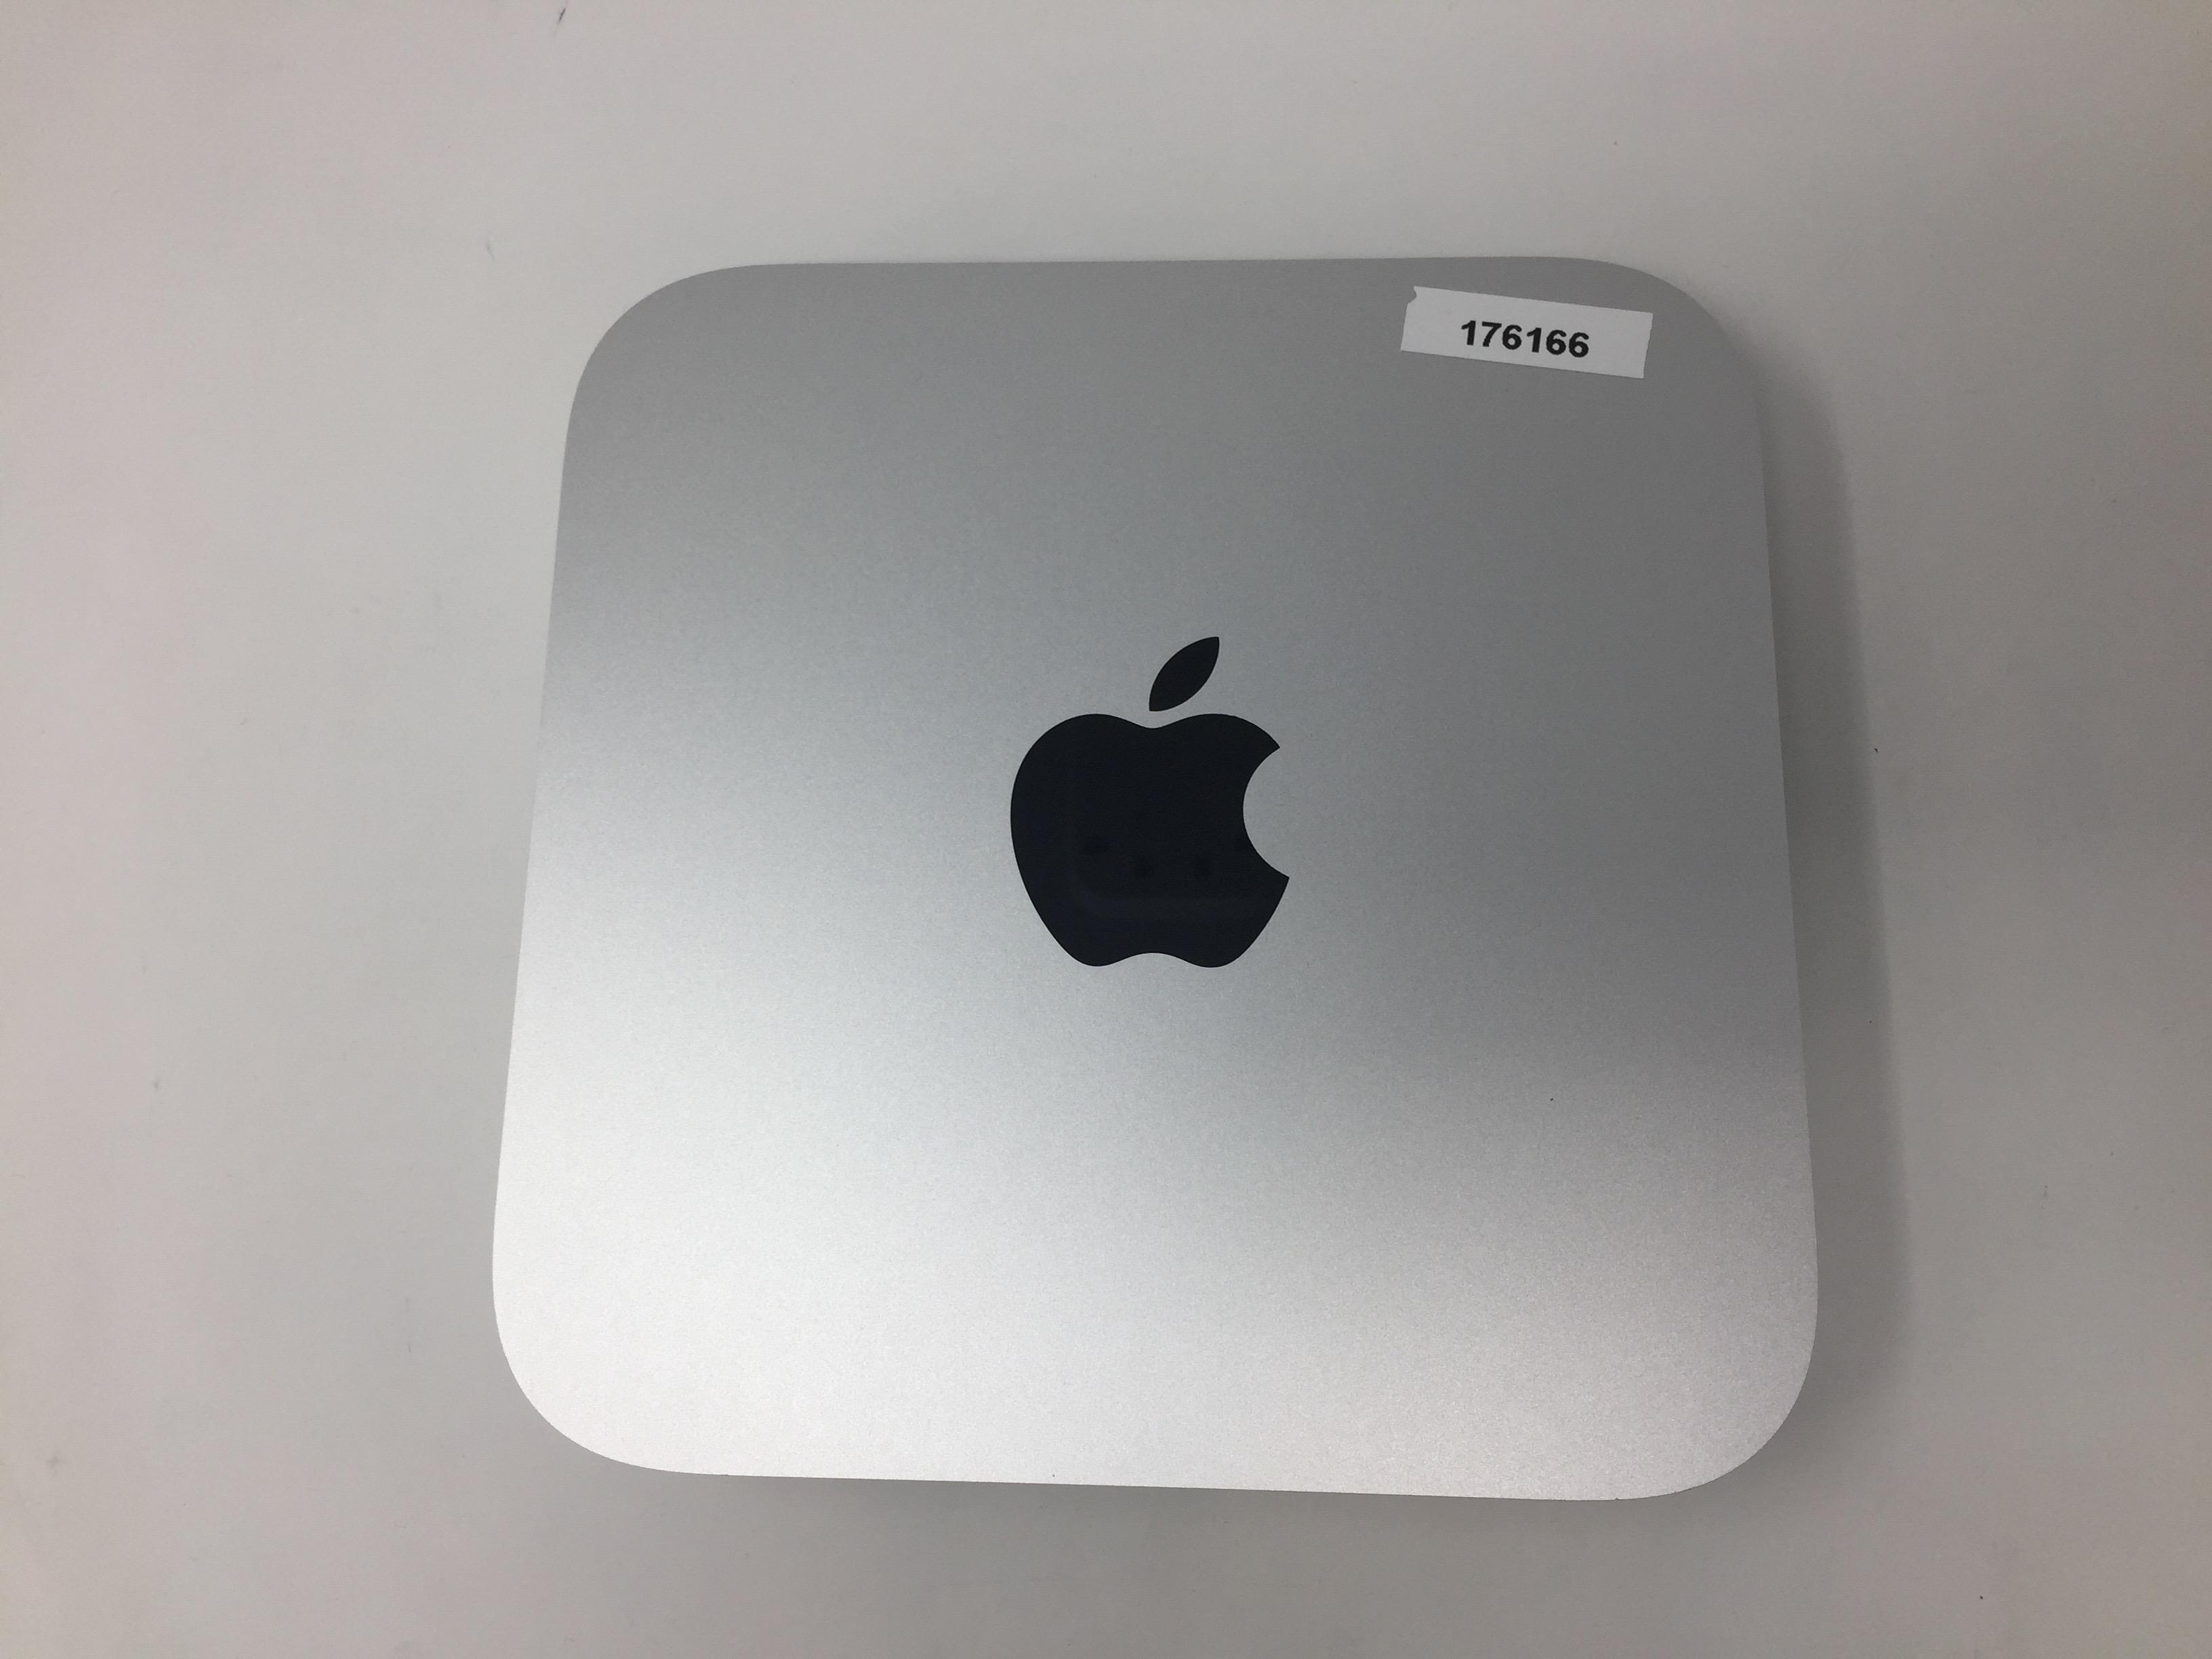 Mac Mini Late 2014 (Intel Core i5 2.6 GHz 8 GB RAM 1 TB HDD), Intel Core i5 2,6 GHz, 8 GB DDR3 1600 MHz , HDD: 1 TB, imagen 1